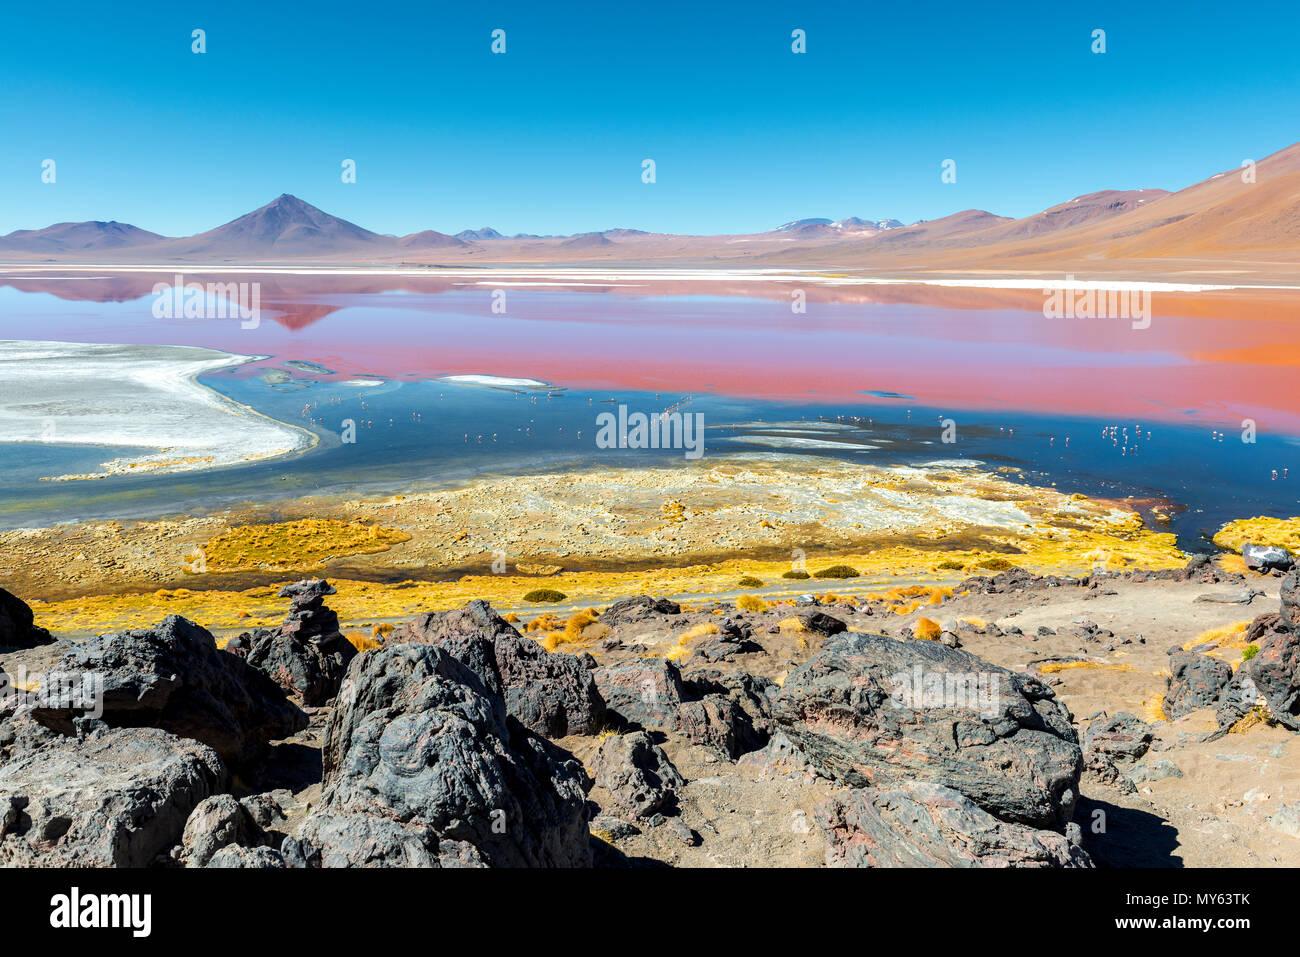 Paysage de la Laguna Colorada ou rouge dans la lagune de sel d'Uyuni, Bolivie, région de l'Amérique du Sud. Les couleurs rouges sont dues pour les algues et les sédiments. Photo Stock